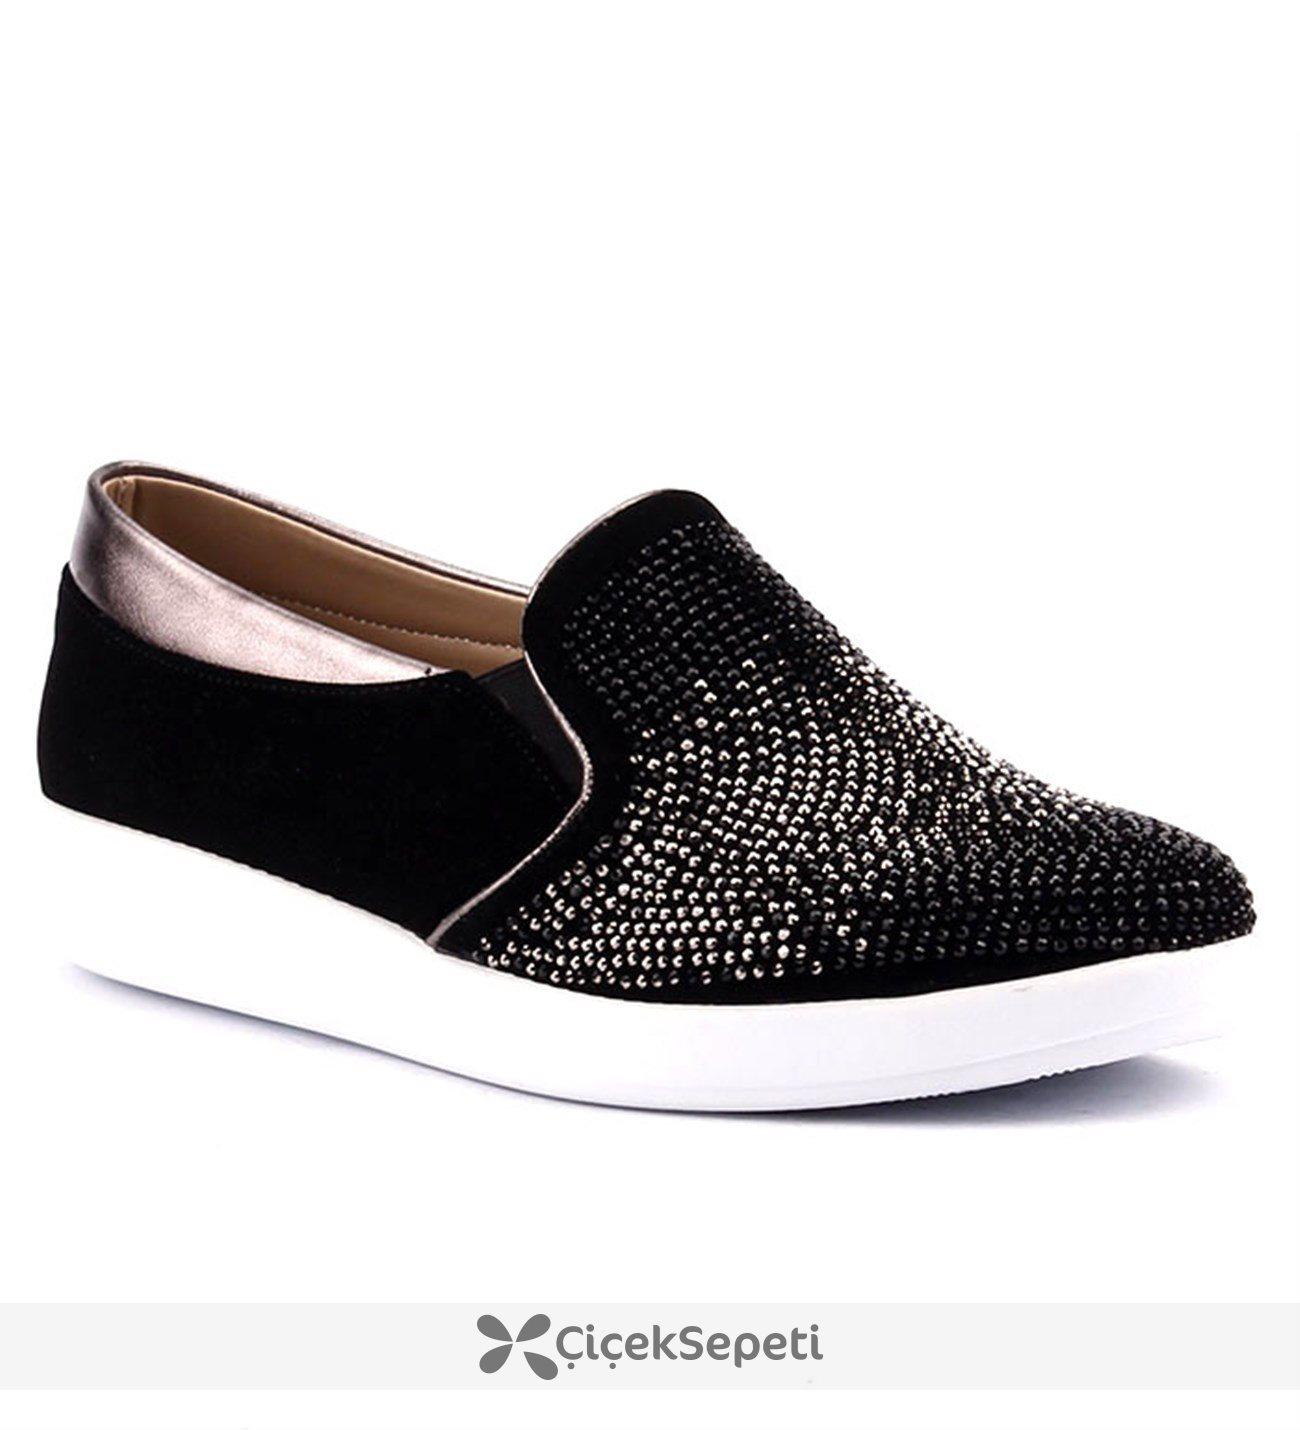 Rsl 44 Platin Simli Günlük Kadın Yürüyüş Ayakkabı Gümüş